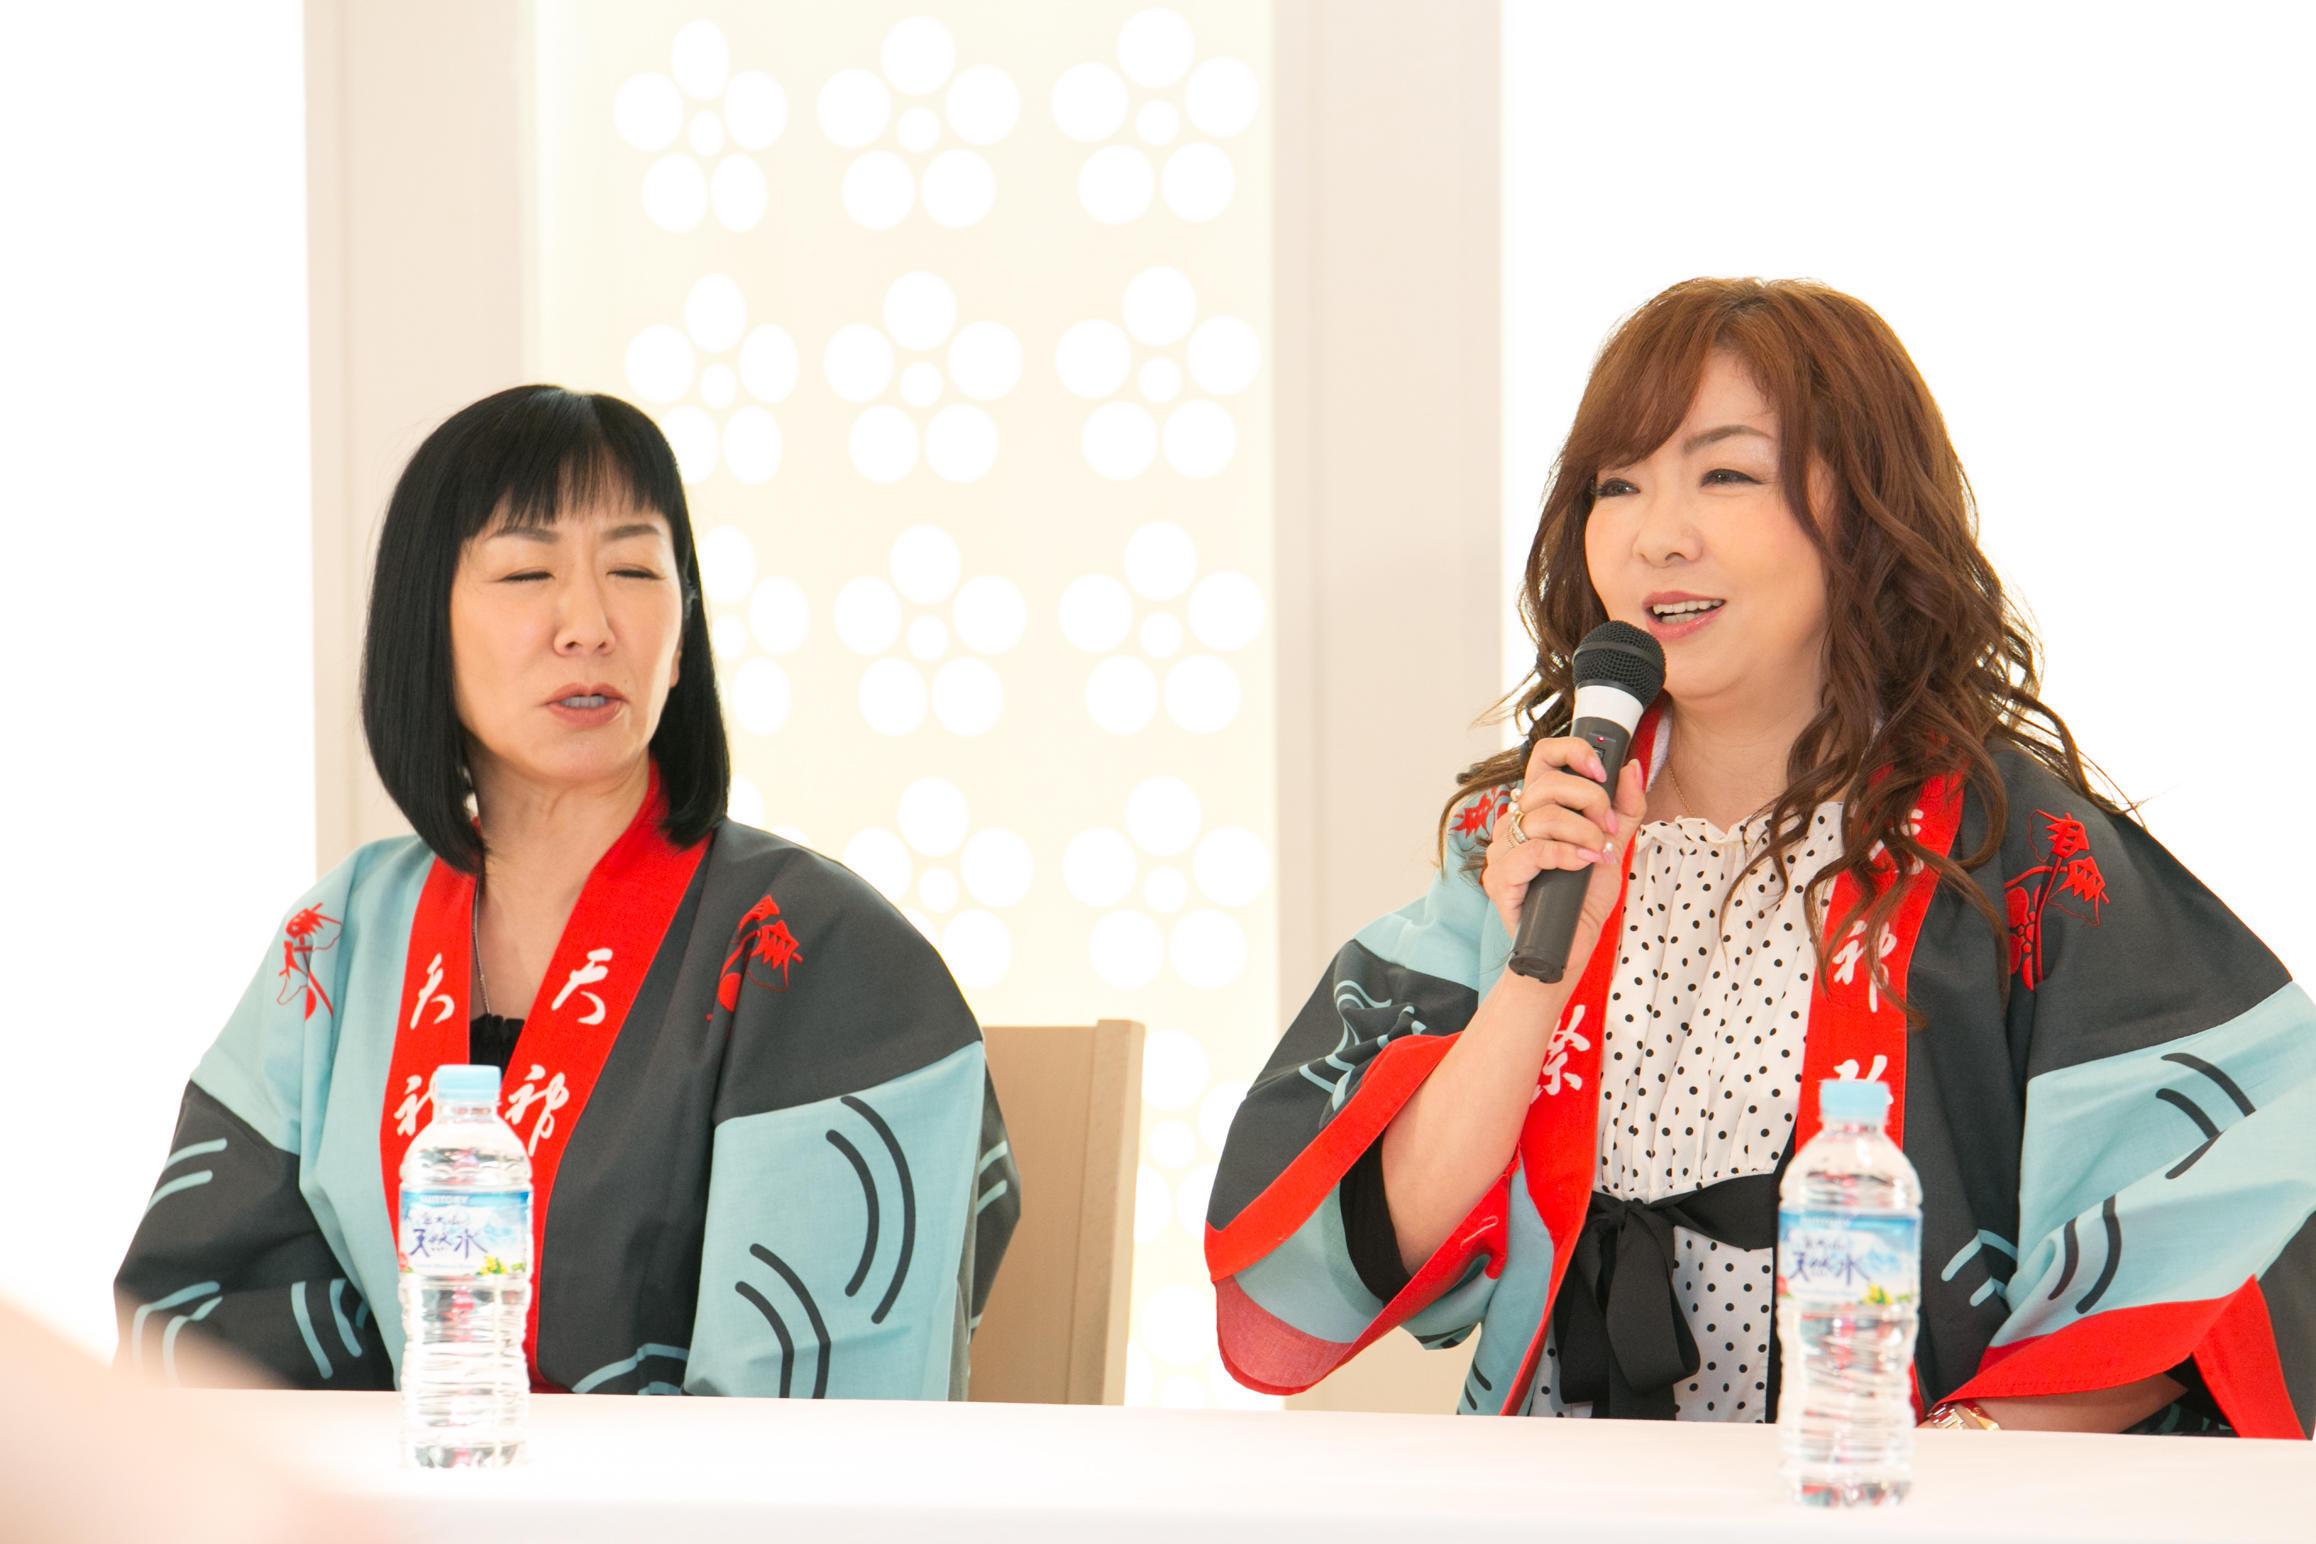 http://news.yoshimoto.co.jp/20170715195412-d04af9e73bc3da3a9b8a8b540fd0e2131bf291ea.jpg